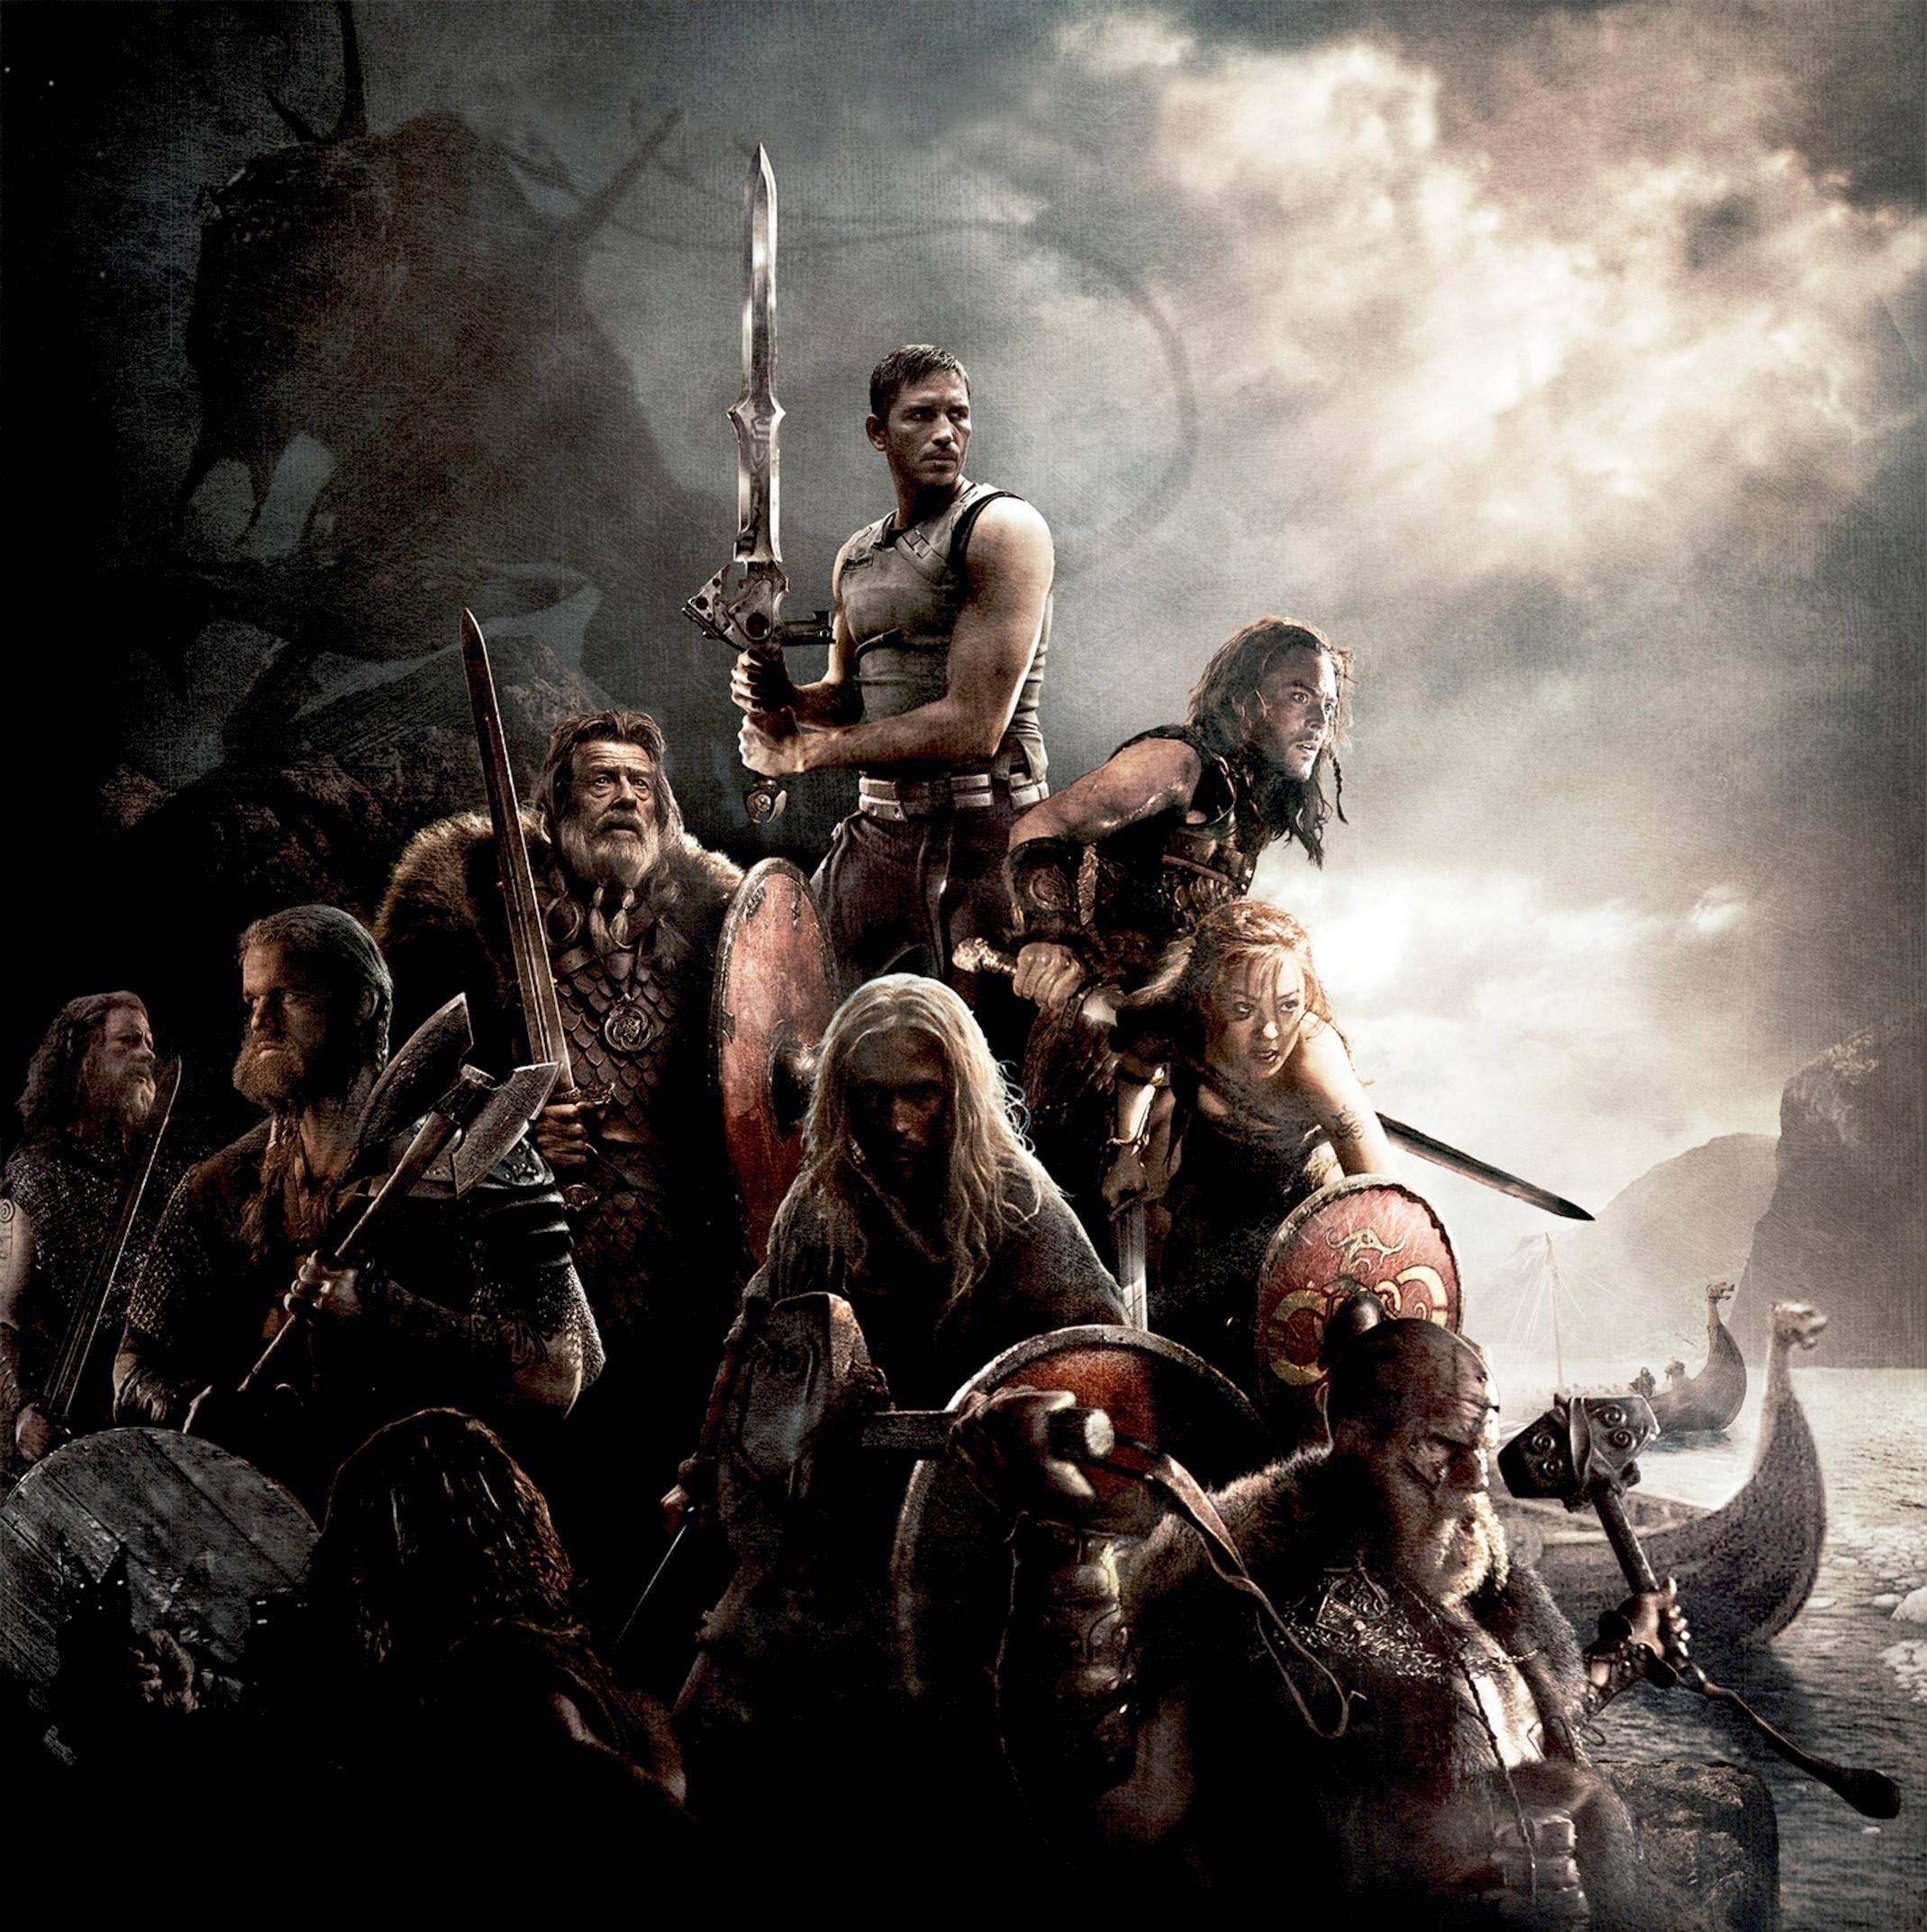 Vikings-HD-Wallpapers-Desktop-Wides - HD